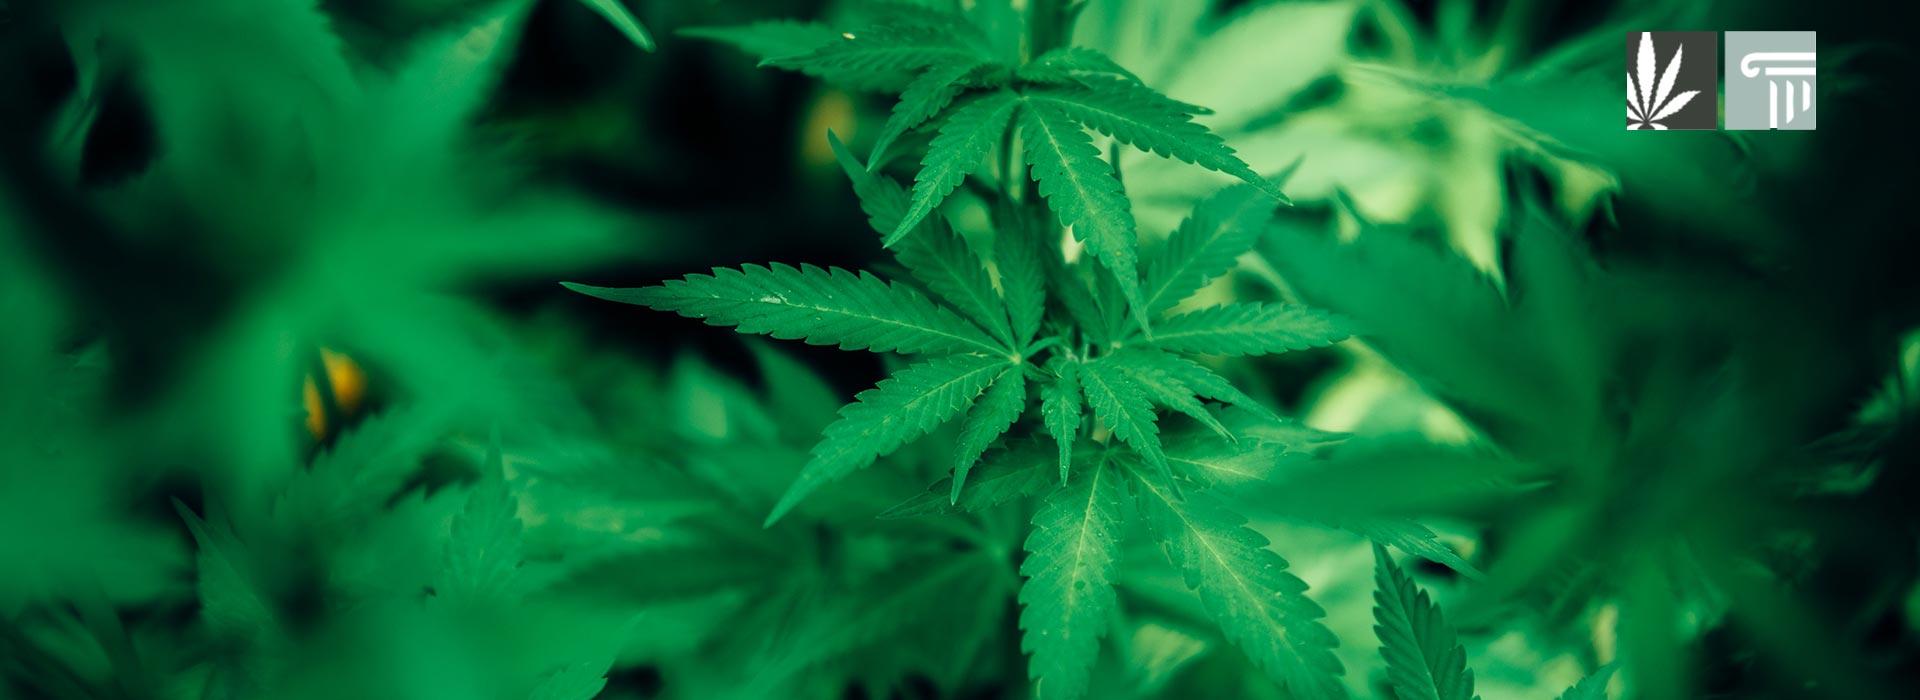 norml feedback federal legalization legislation